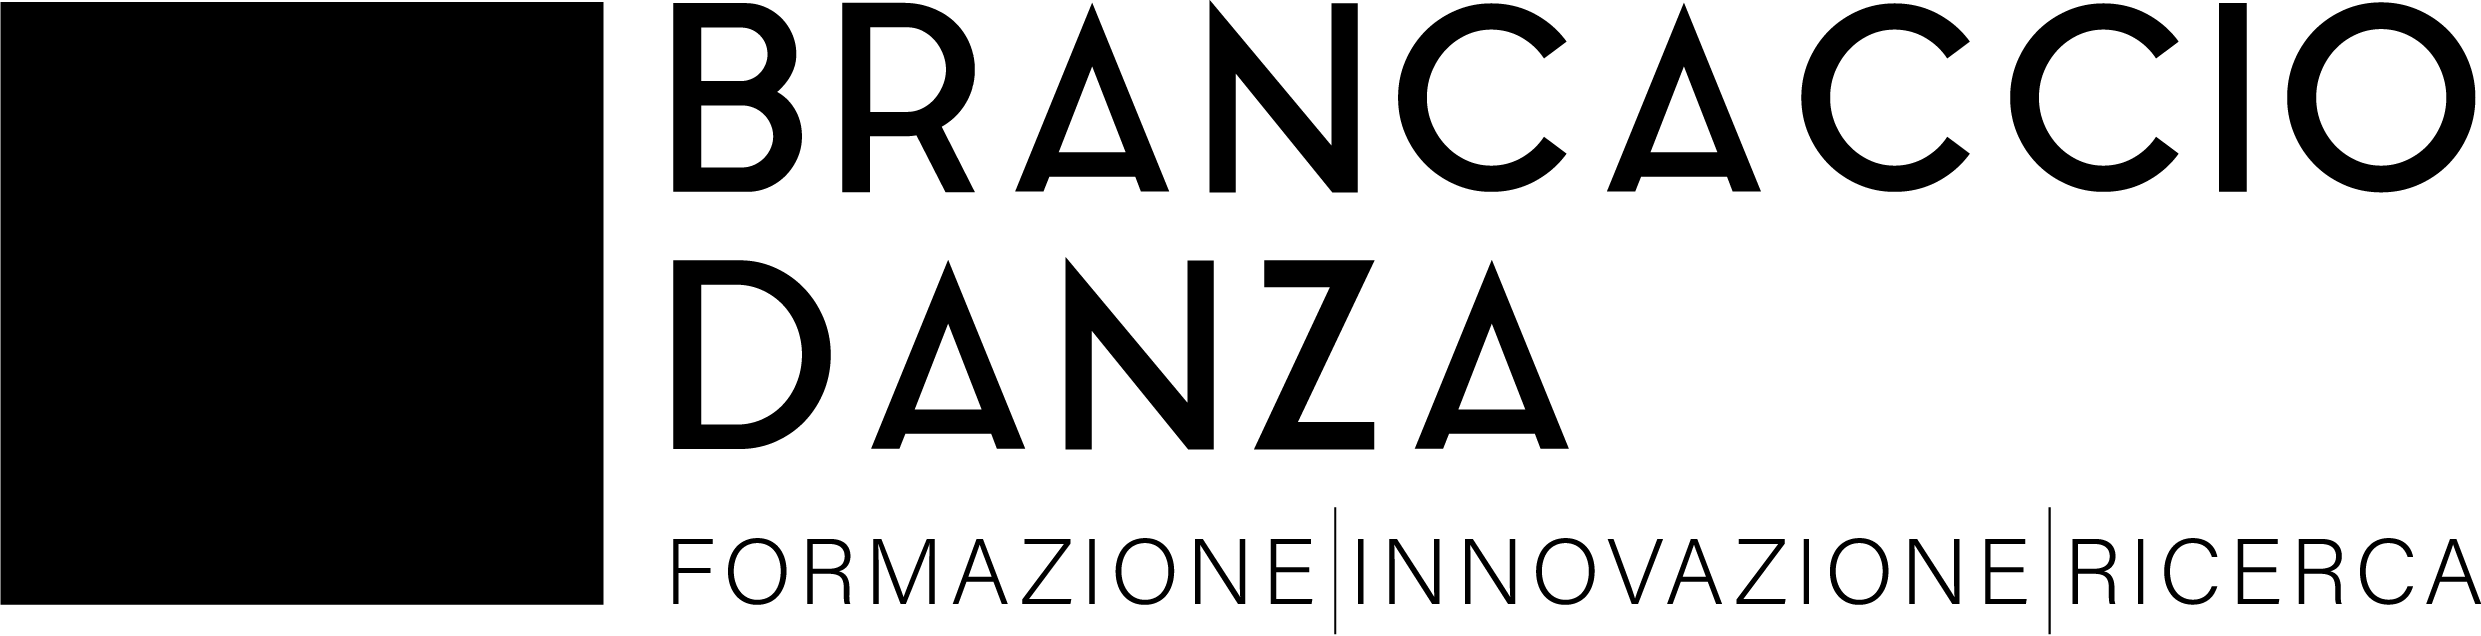 Brancaccio Danza Logo